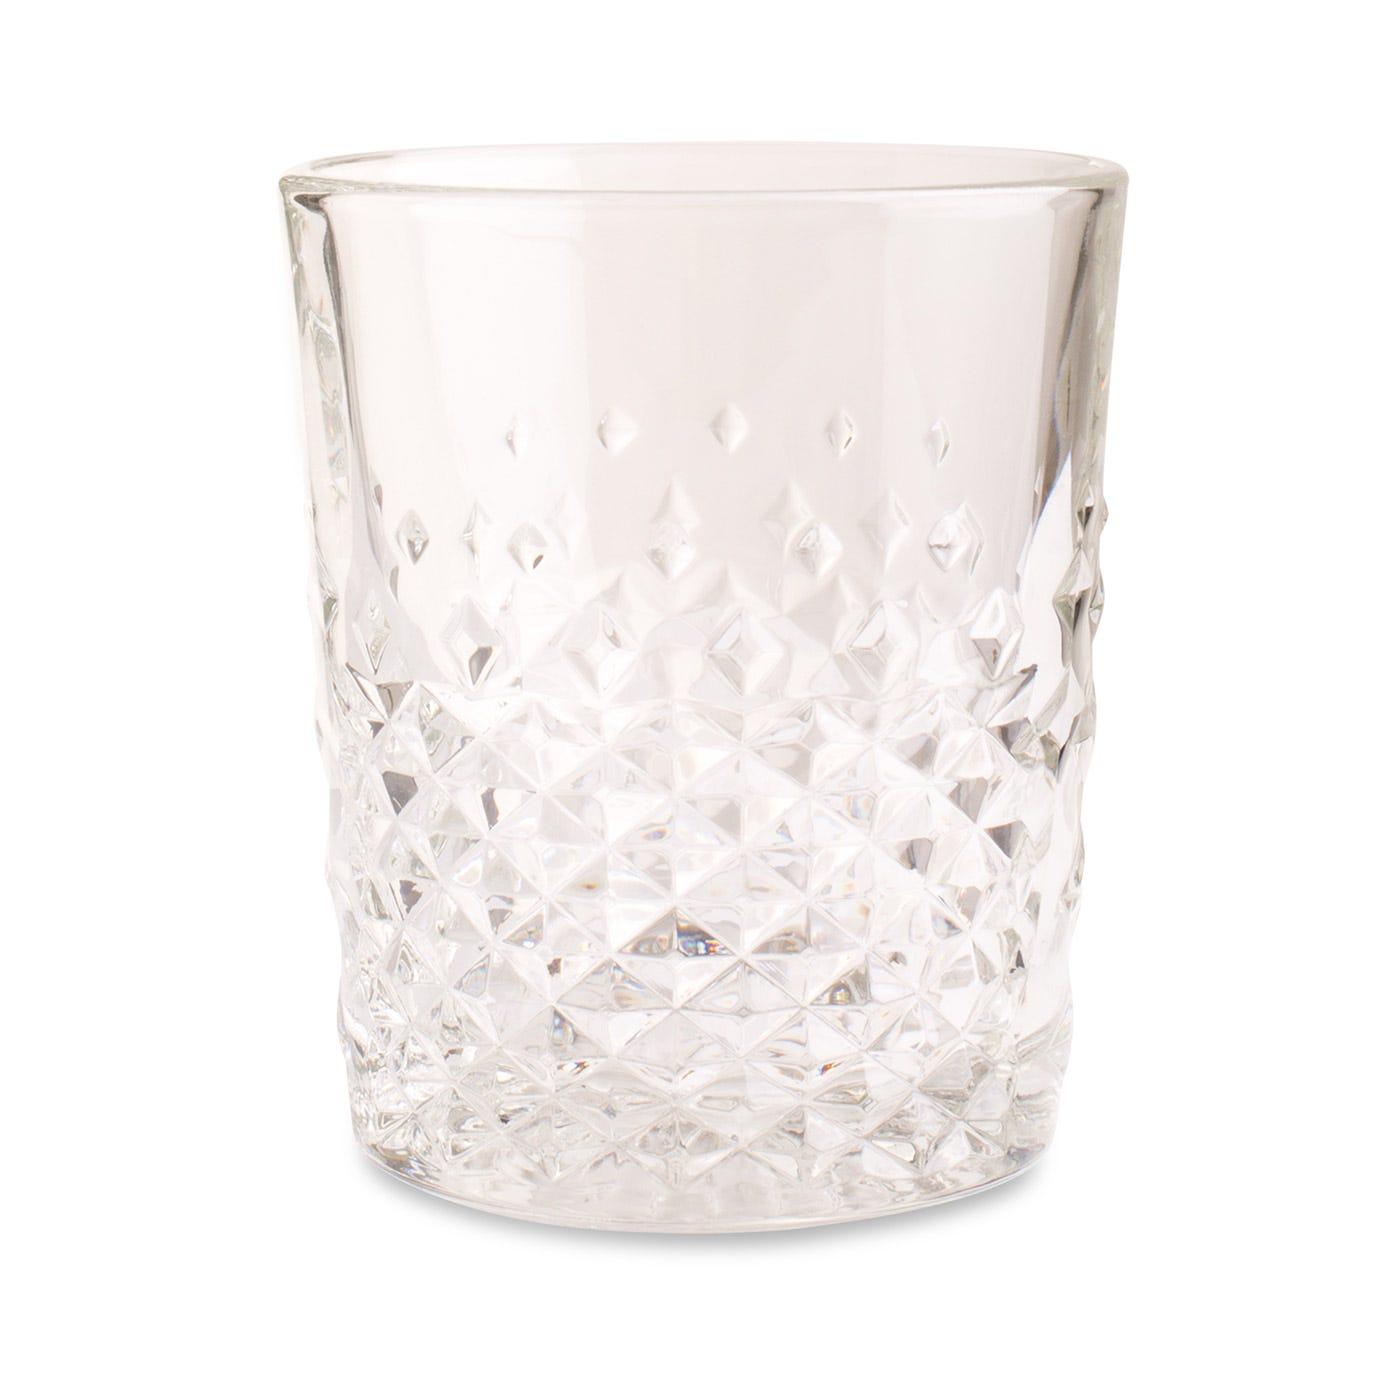 Carats Glass Tumbler